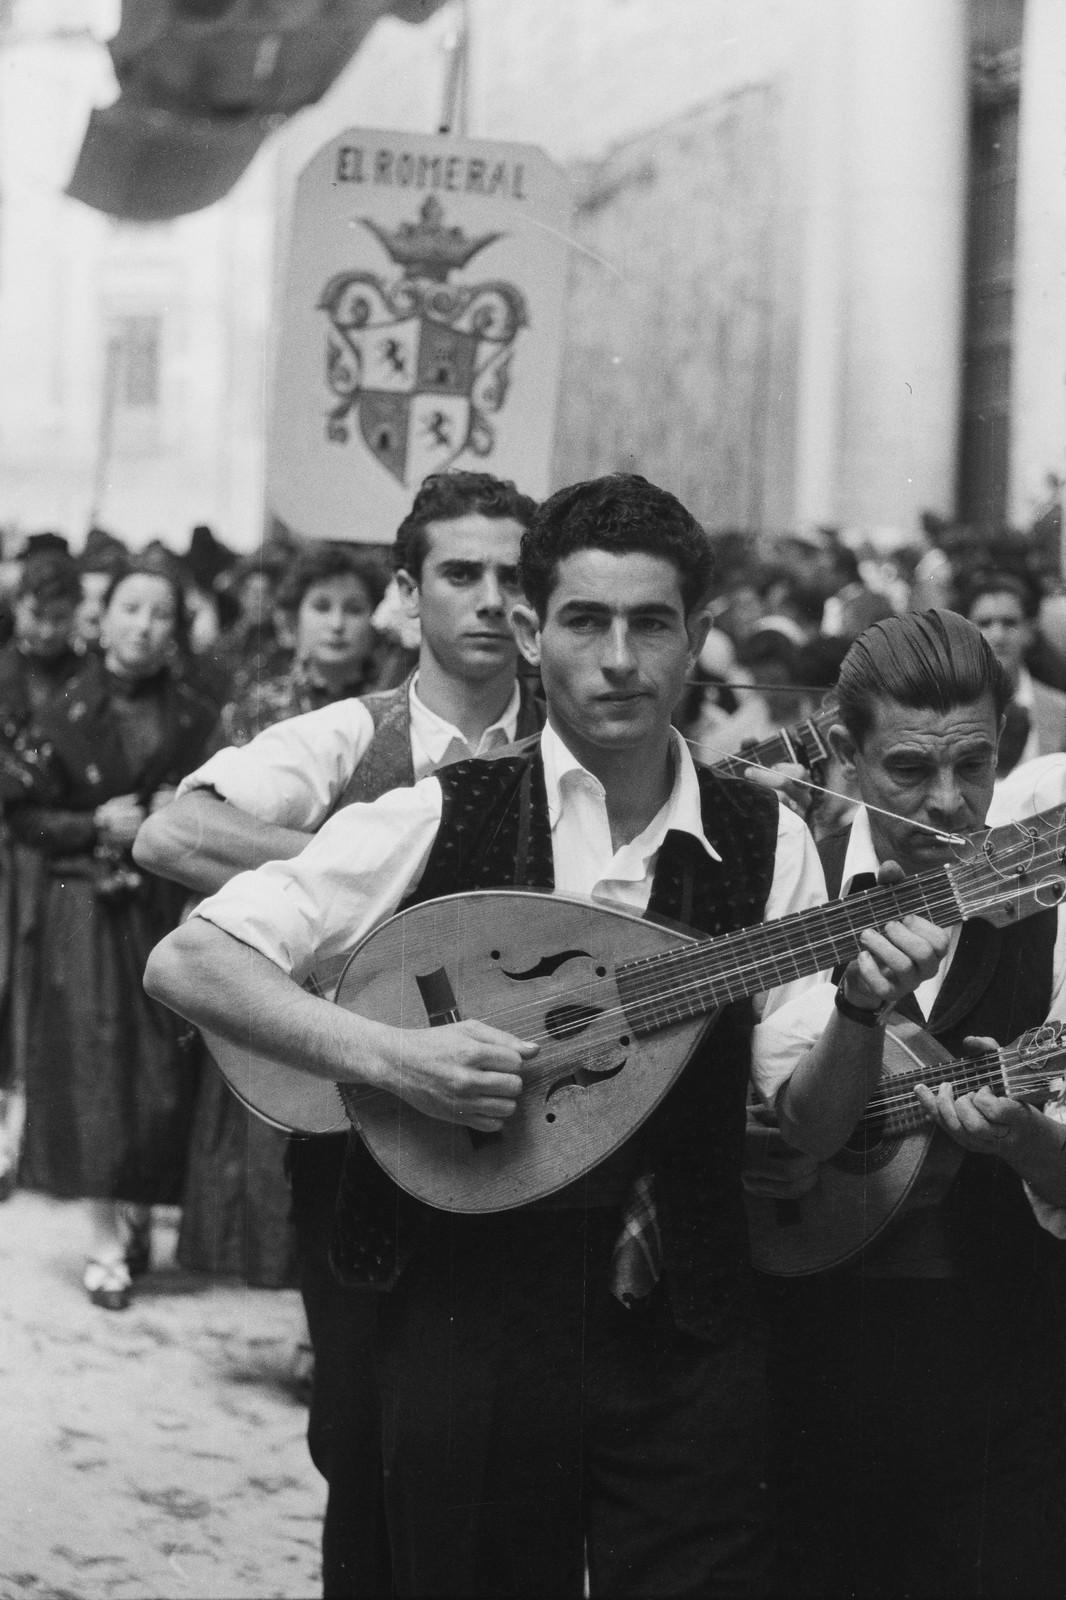 Jóvenes de El Romeral tocan música en el Corpus de 1955 junto a la Catedral de Toledo © ETH-Bibliothek Zurich